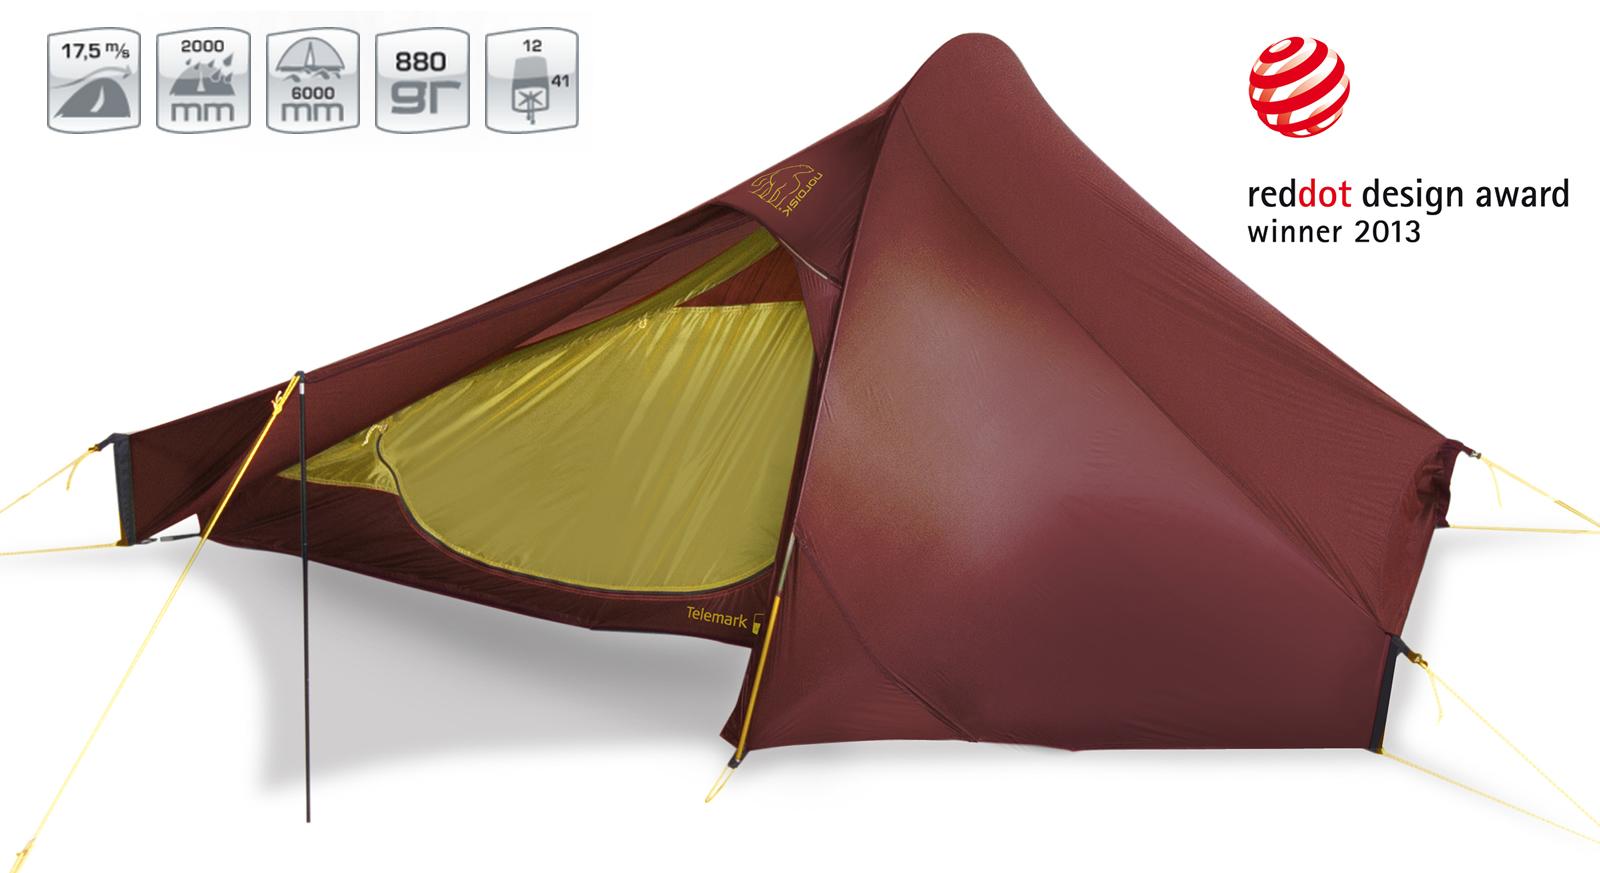 【国内正規品】NORDISK テント Telemark 2 ULW (テレマーク2 ULW) レッド[151007]【送料無料/代引き無料】(ノルディスク 2人用 テント アウトドア用品 キャンプ用品 キャンプテント アウトドア特集)【SUMMER_D18】